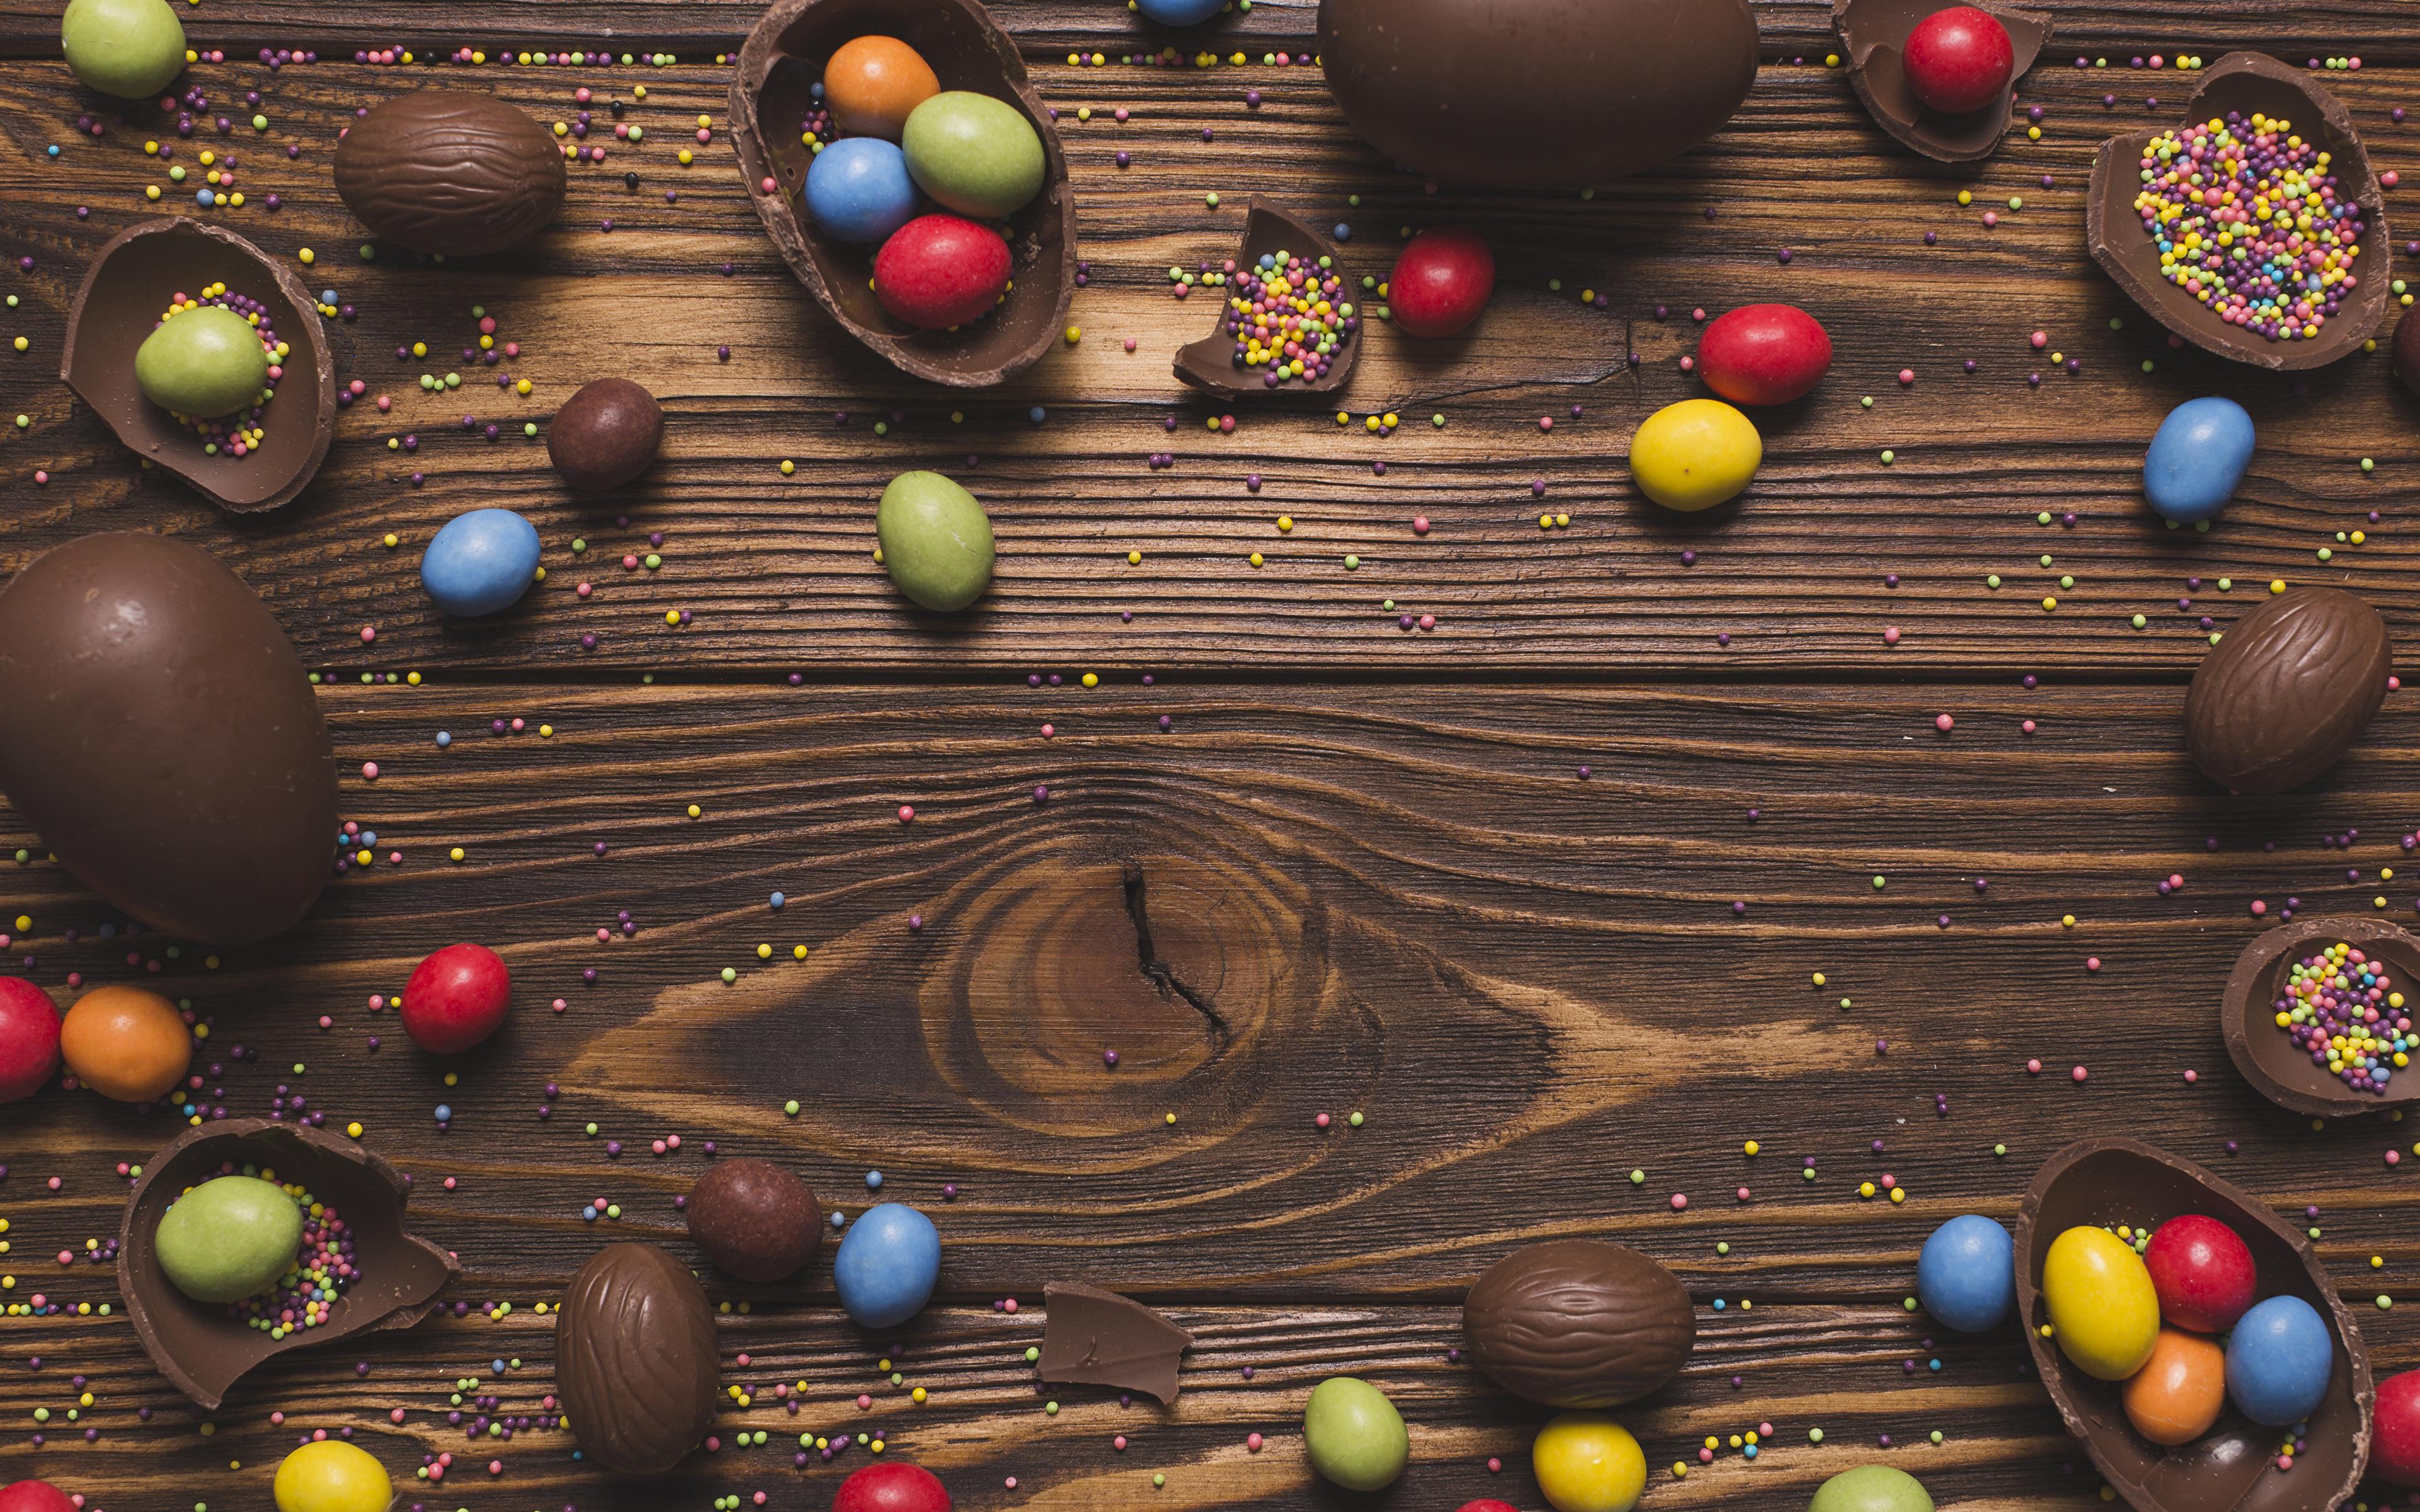 Фотографии Пасха Яйца Шоколад Конфеты Еда Сладости Доски 3840x2400 яиц яйцо яйцами Пища Продукты питания сладкая еда